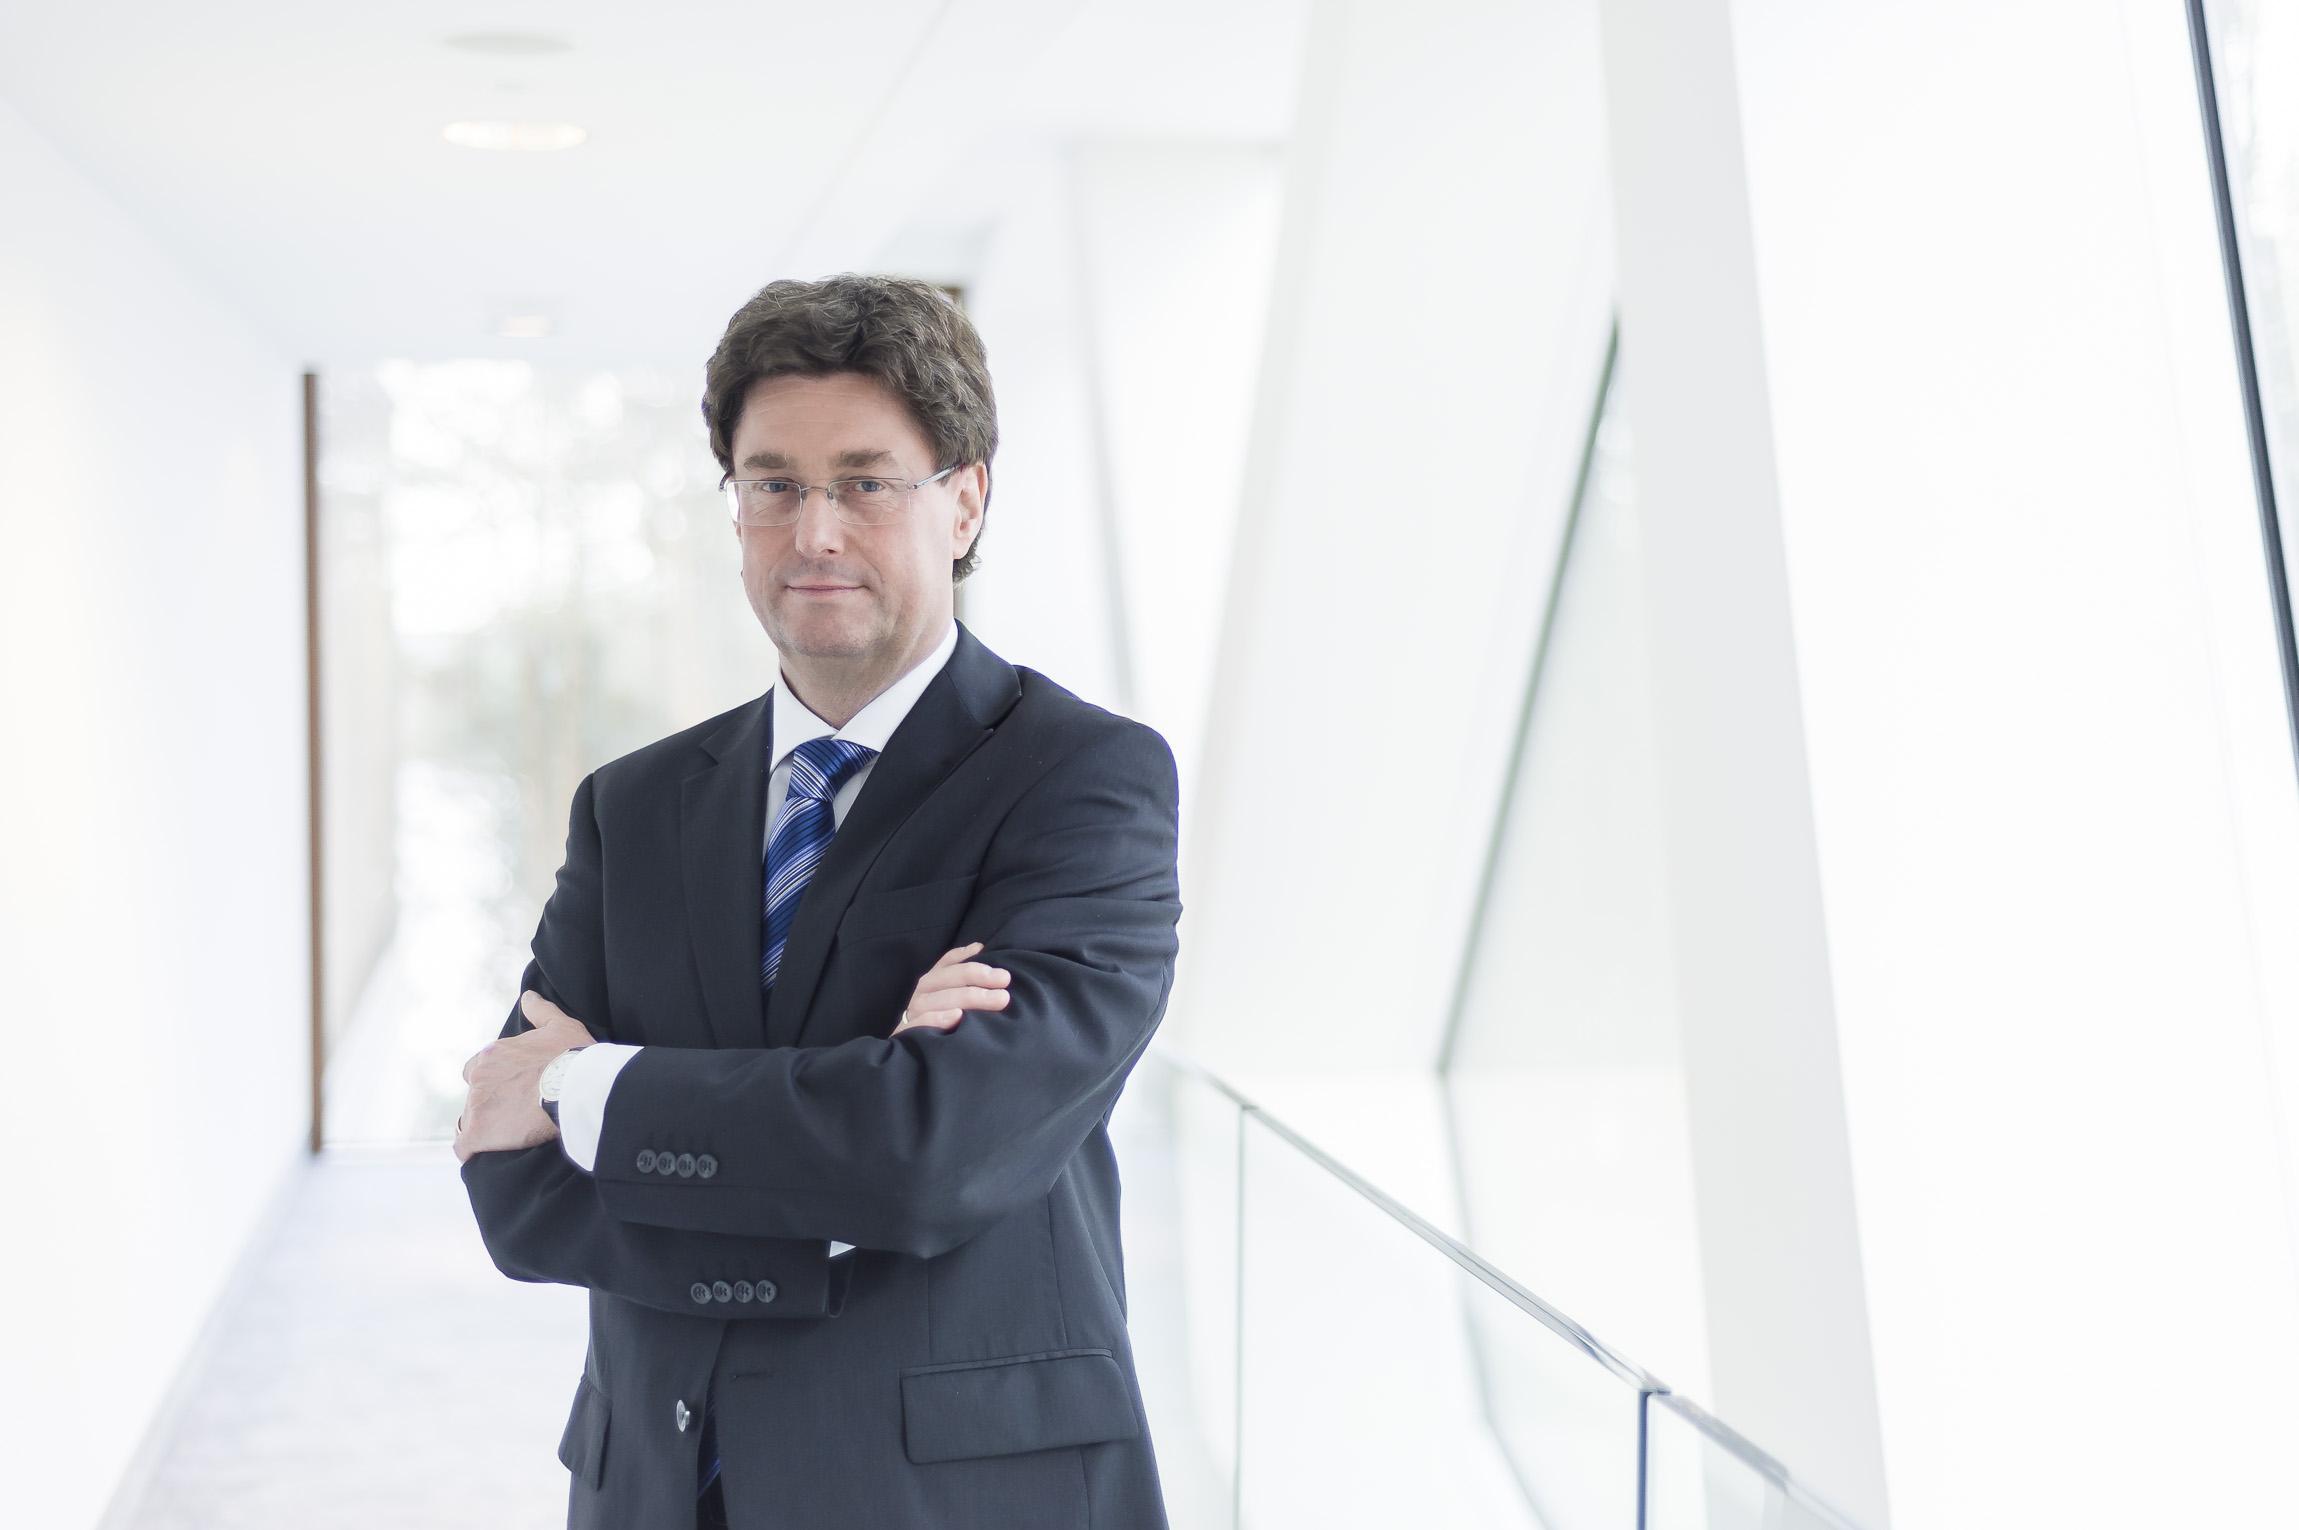 Rüdiger Kuhn, Vostandsvorsitzender der CEMEX Deutschland AG (Foto: CEMEX)